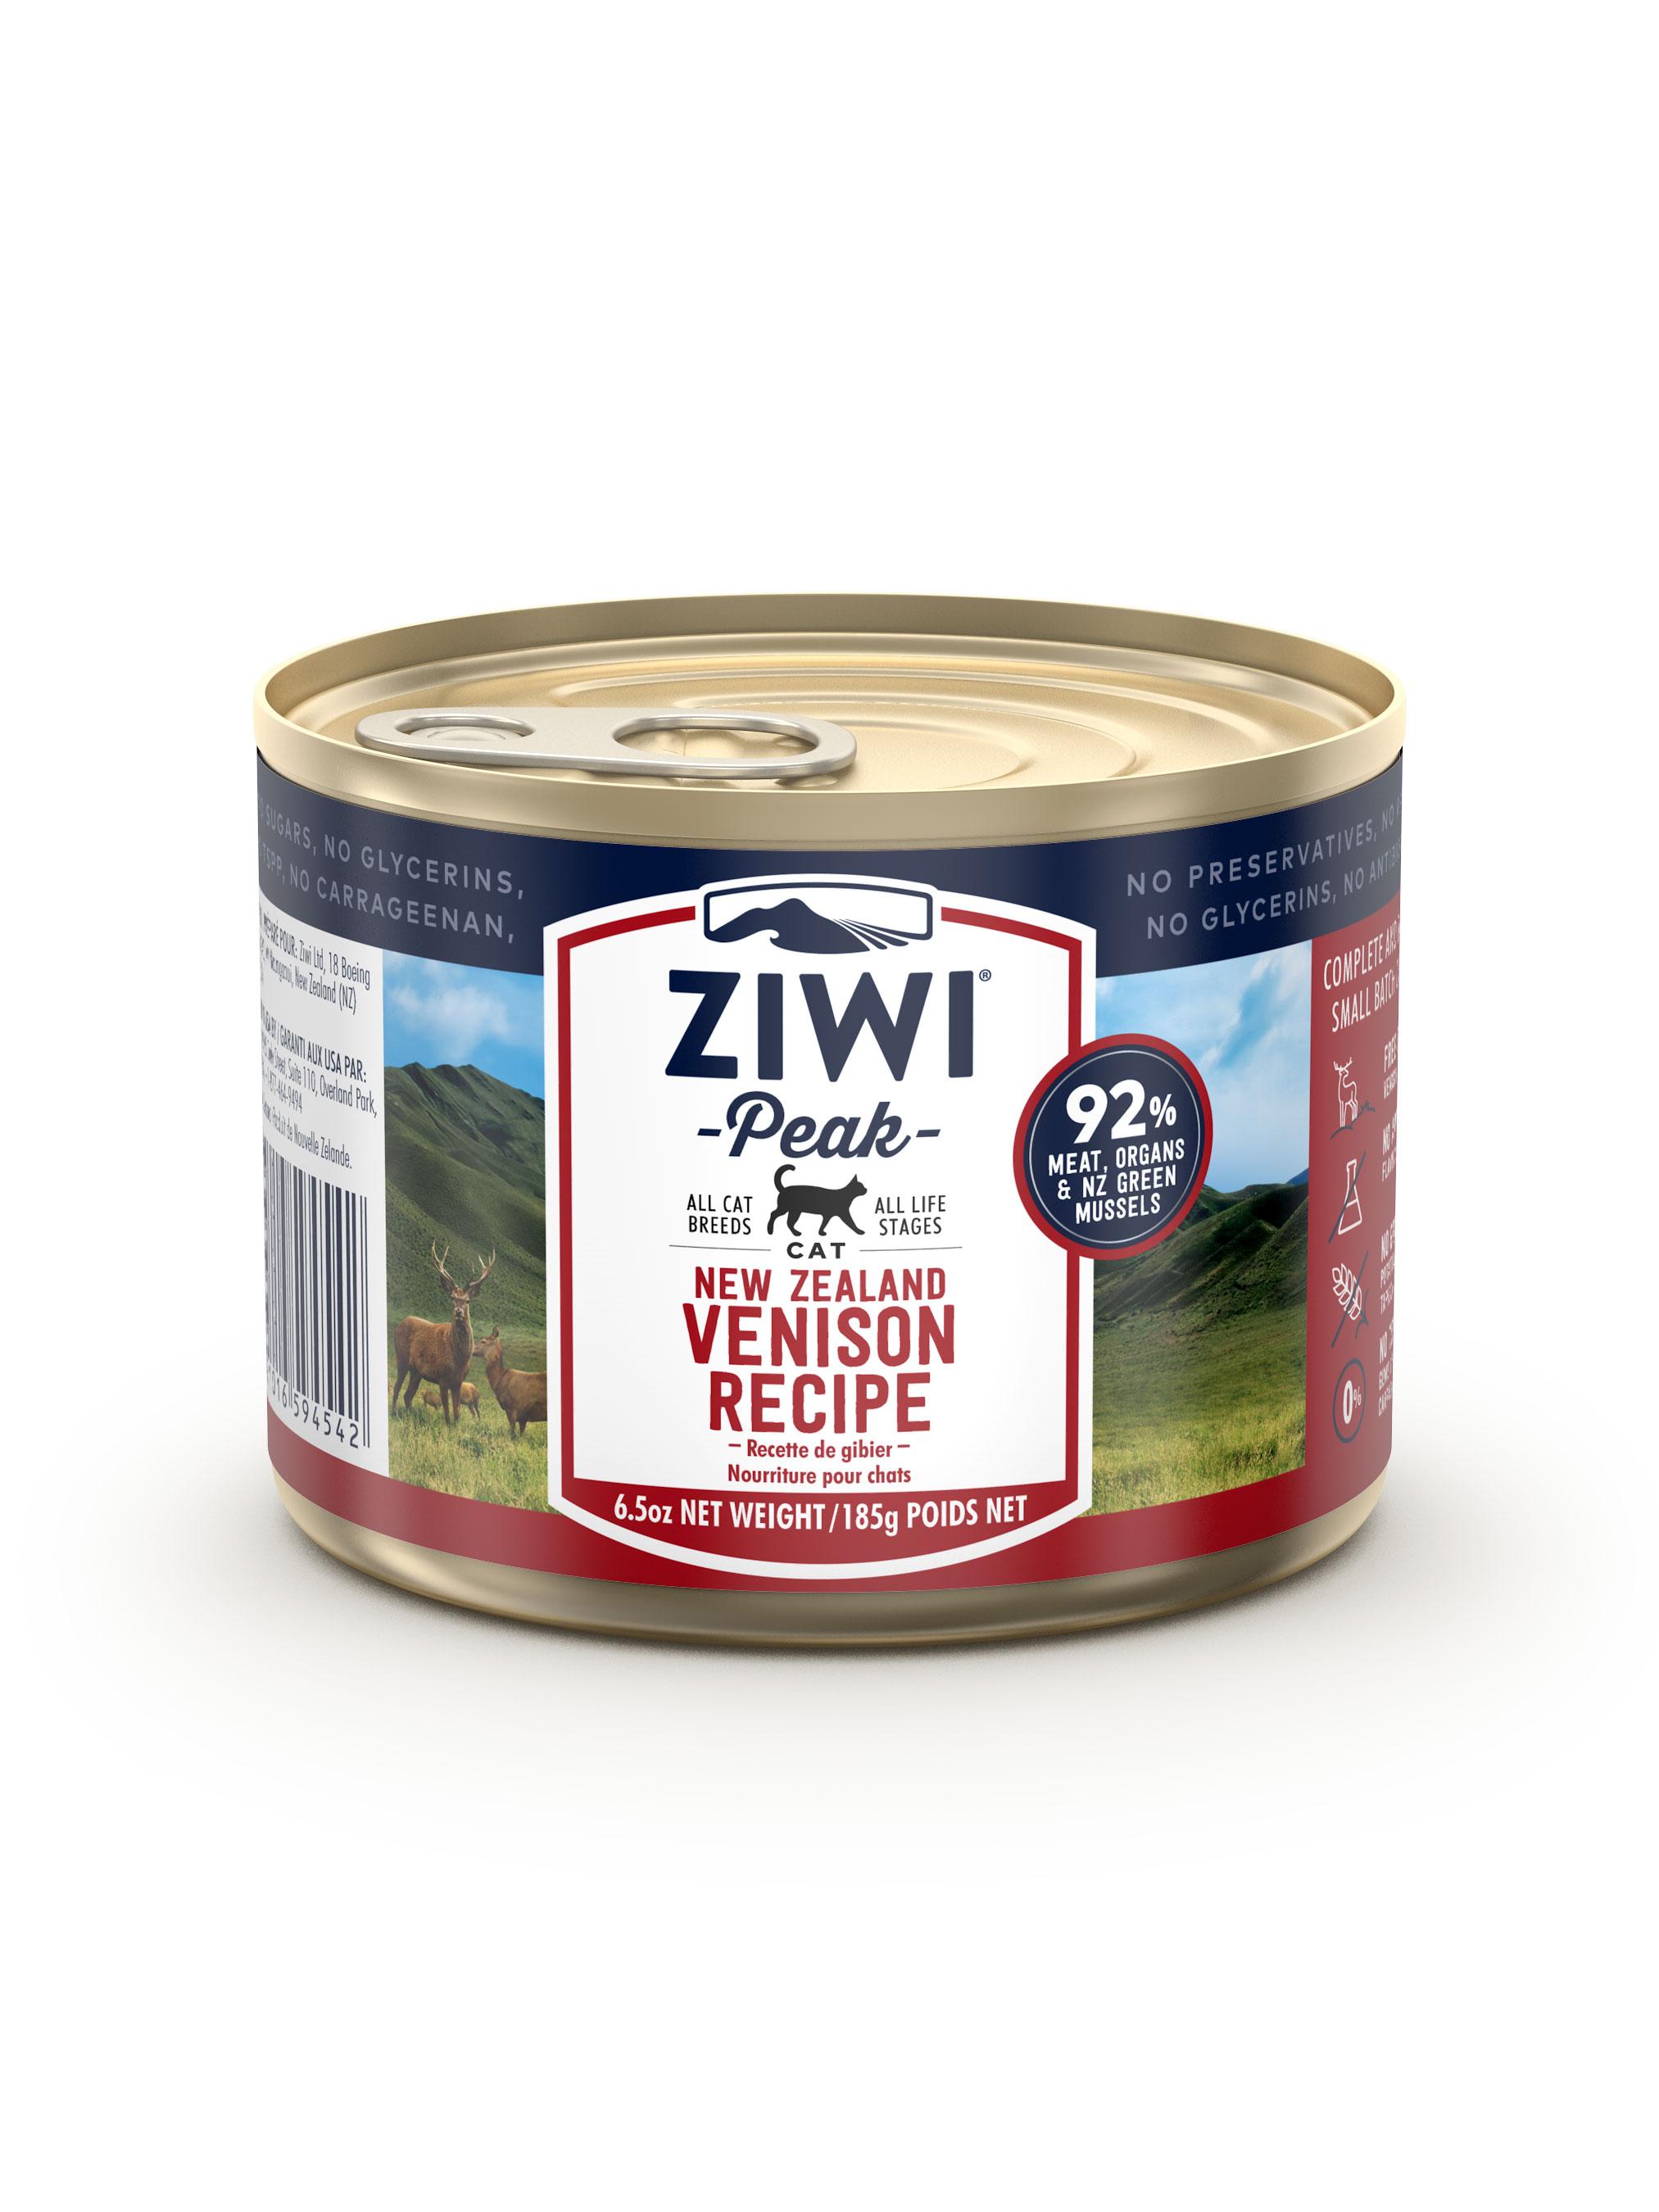 Ziwi Peak Cat Venison Recipe Canned Cat Food, 6.5-oz